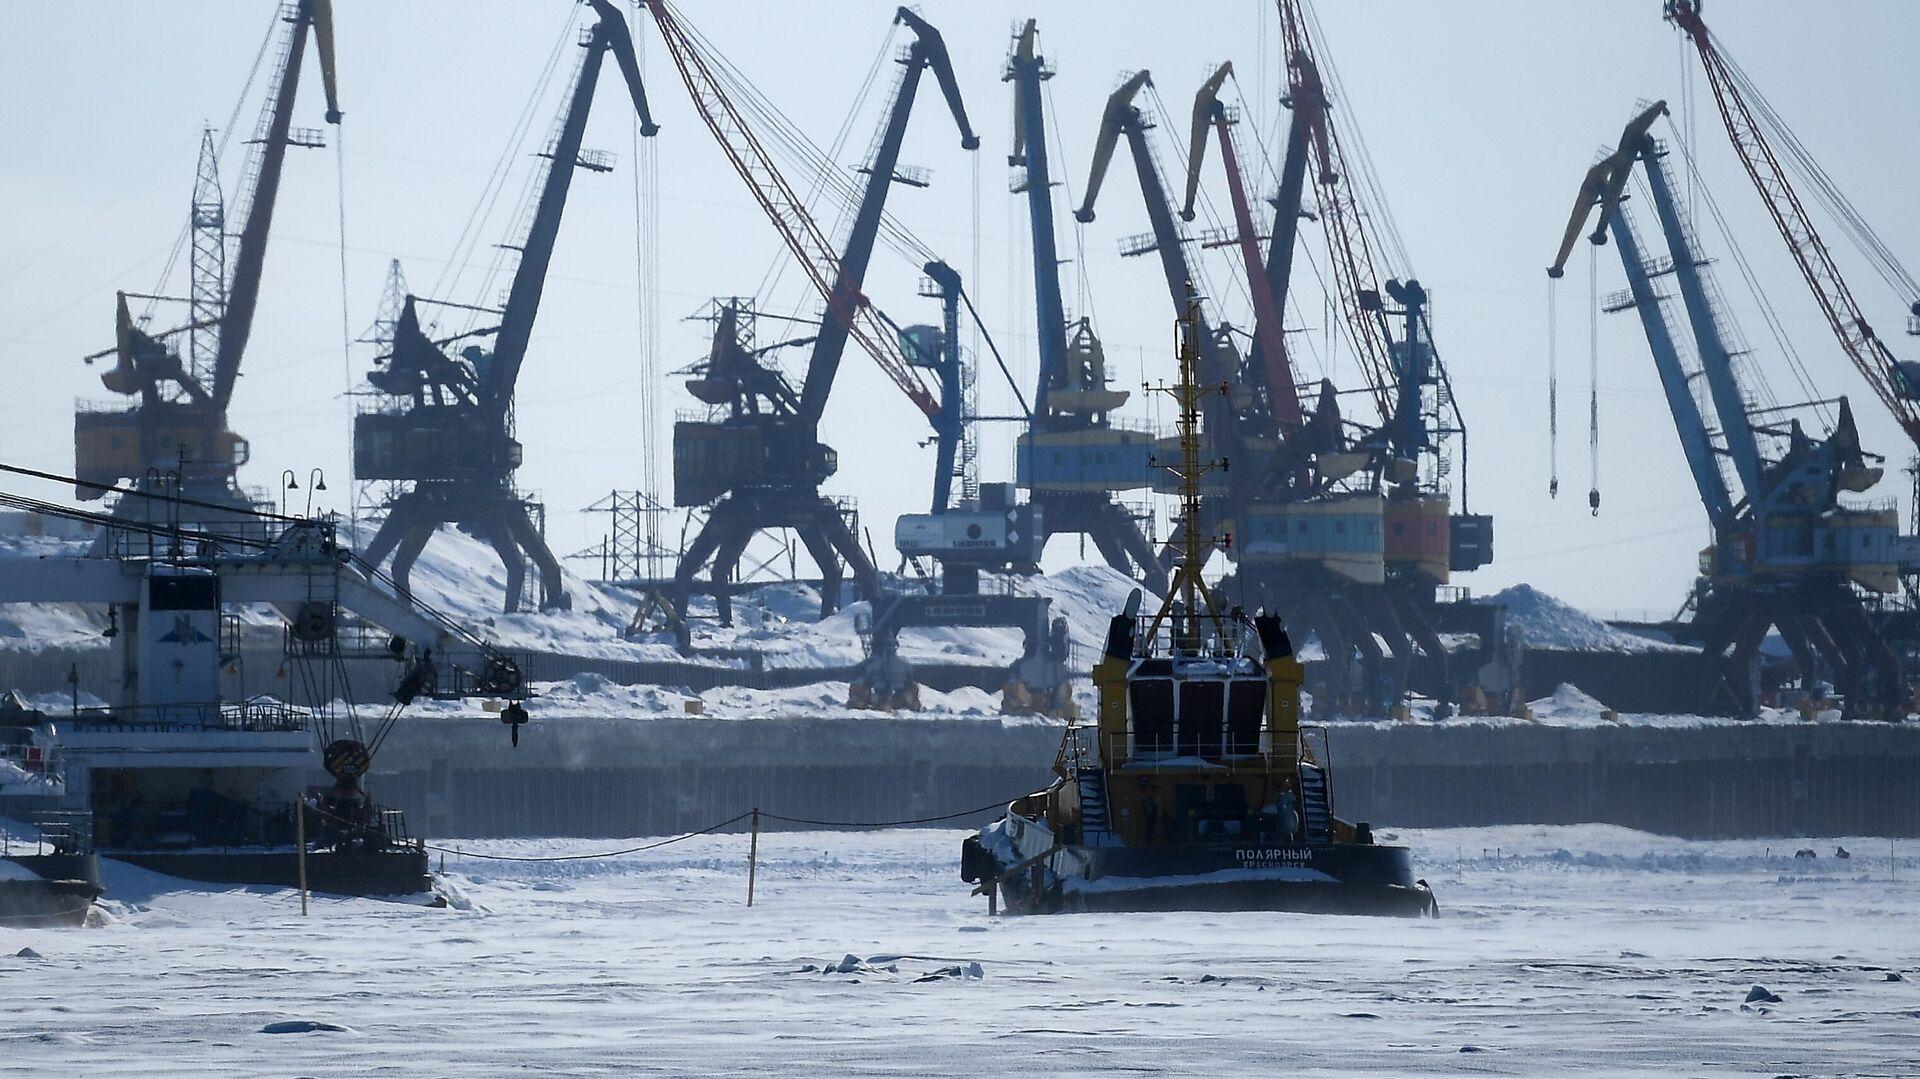 Морской порт в Дудинке  - РИА Новости, 1920, 12.05.2021